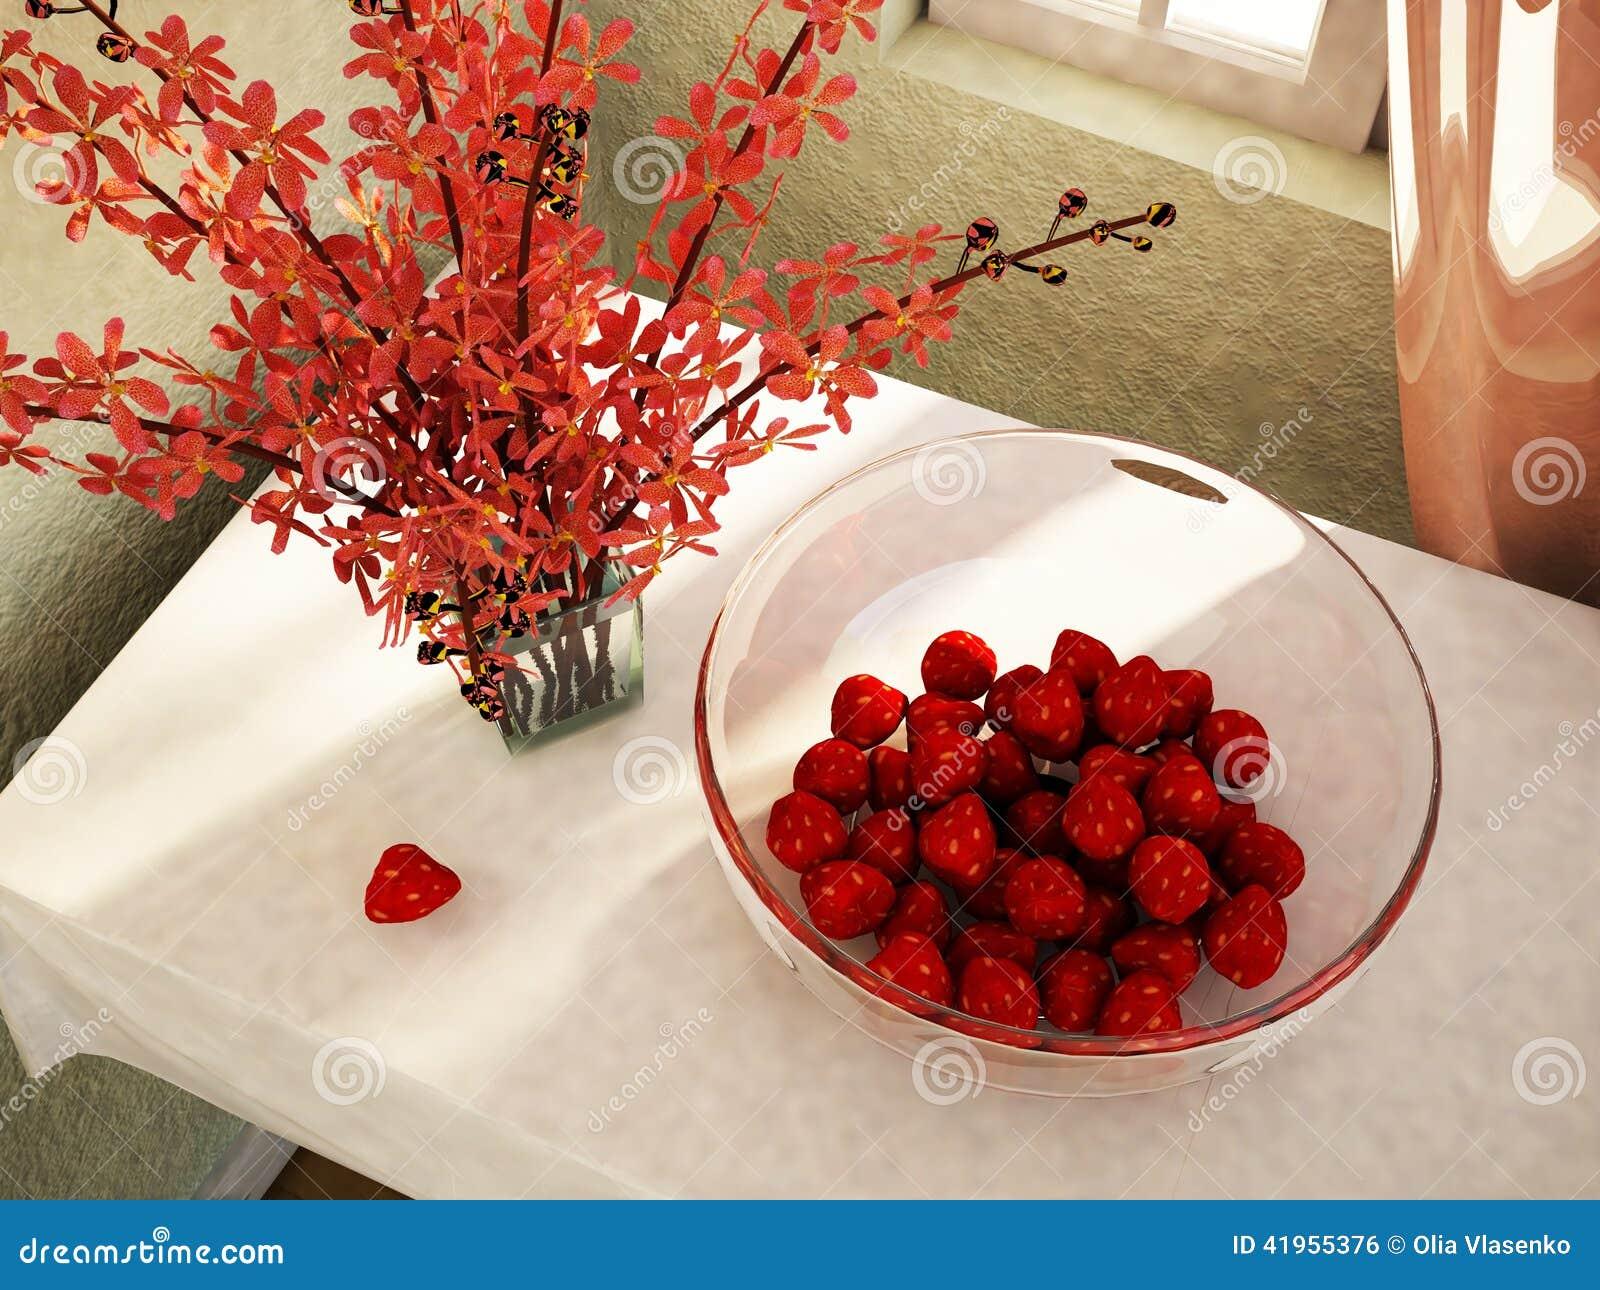 Apetyczne truskawki na stole w talerzu